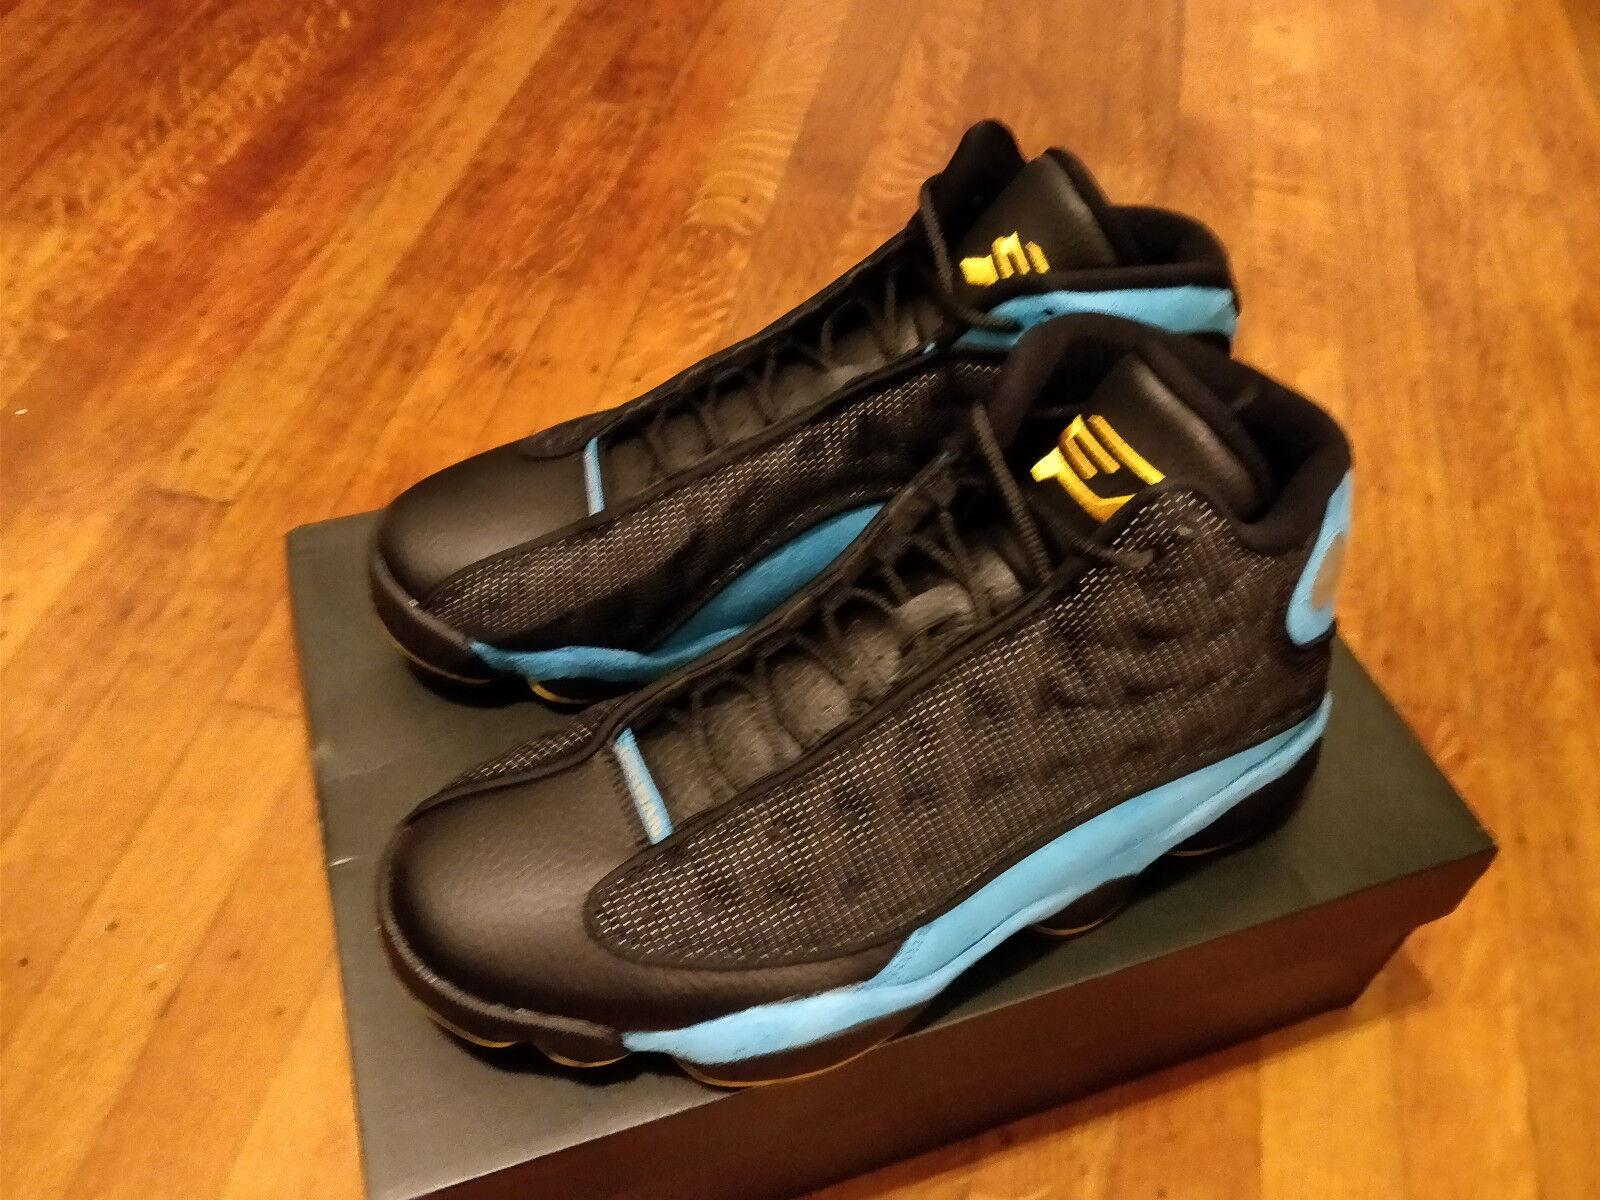 Nike air jordan 13 'cp pe chris paul giocatore edizione 823902-015 noi taglia 10